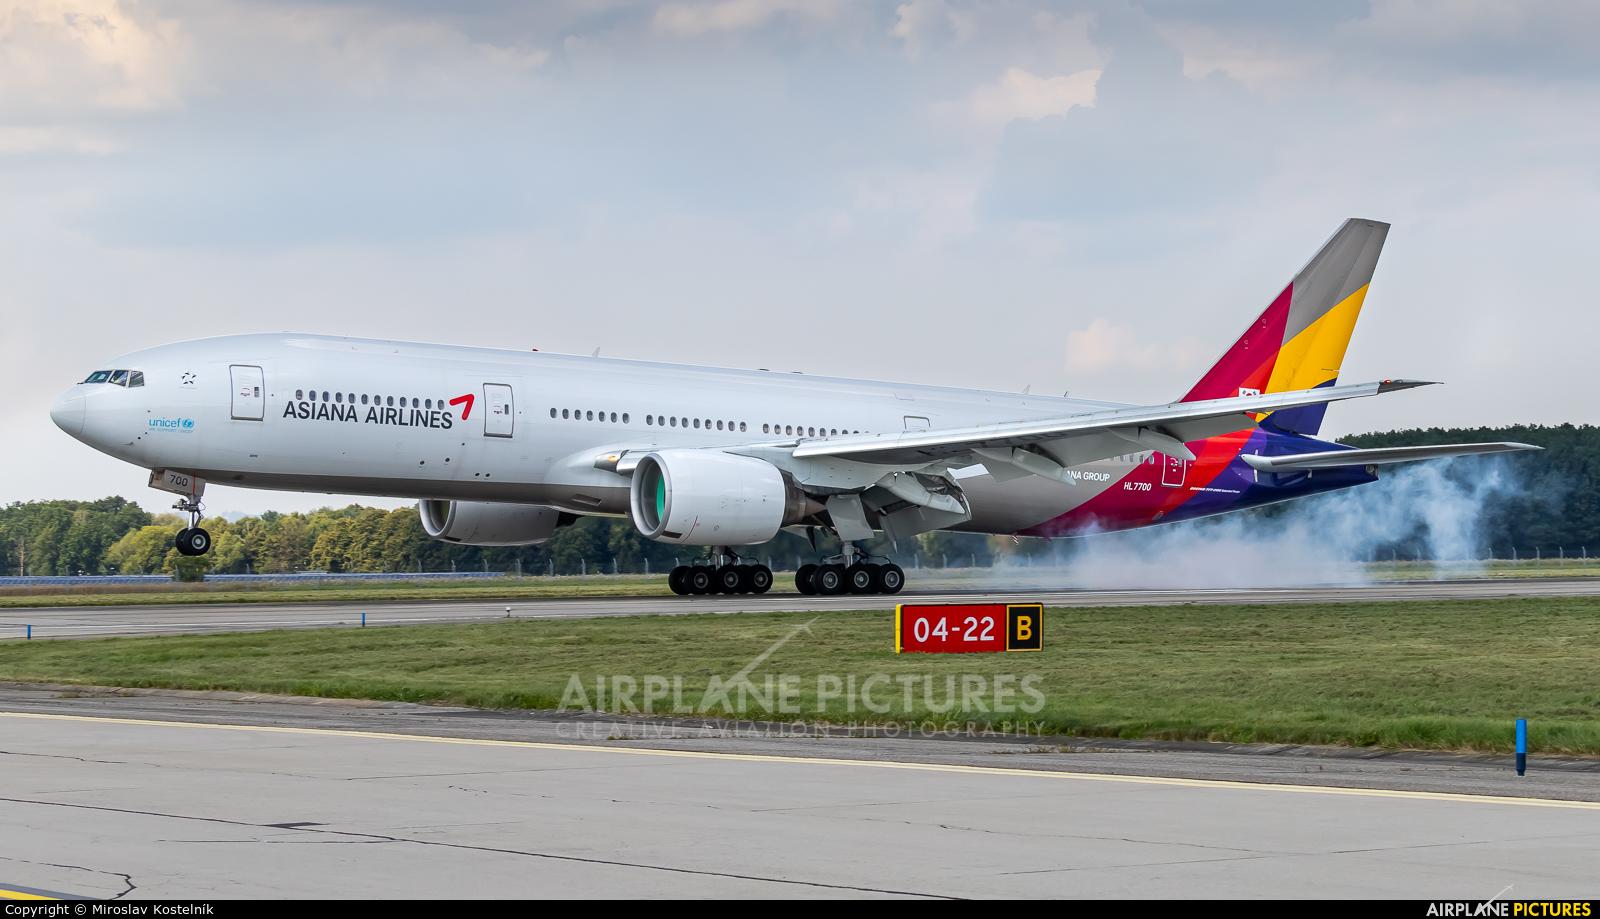 Asiana Airlines HL7700 aircraft at Ostrava Mošnov